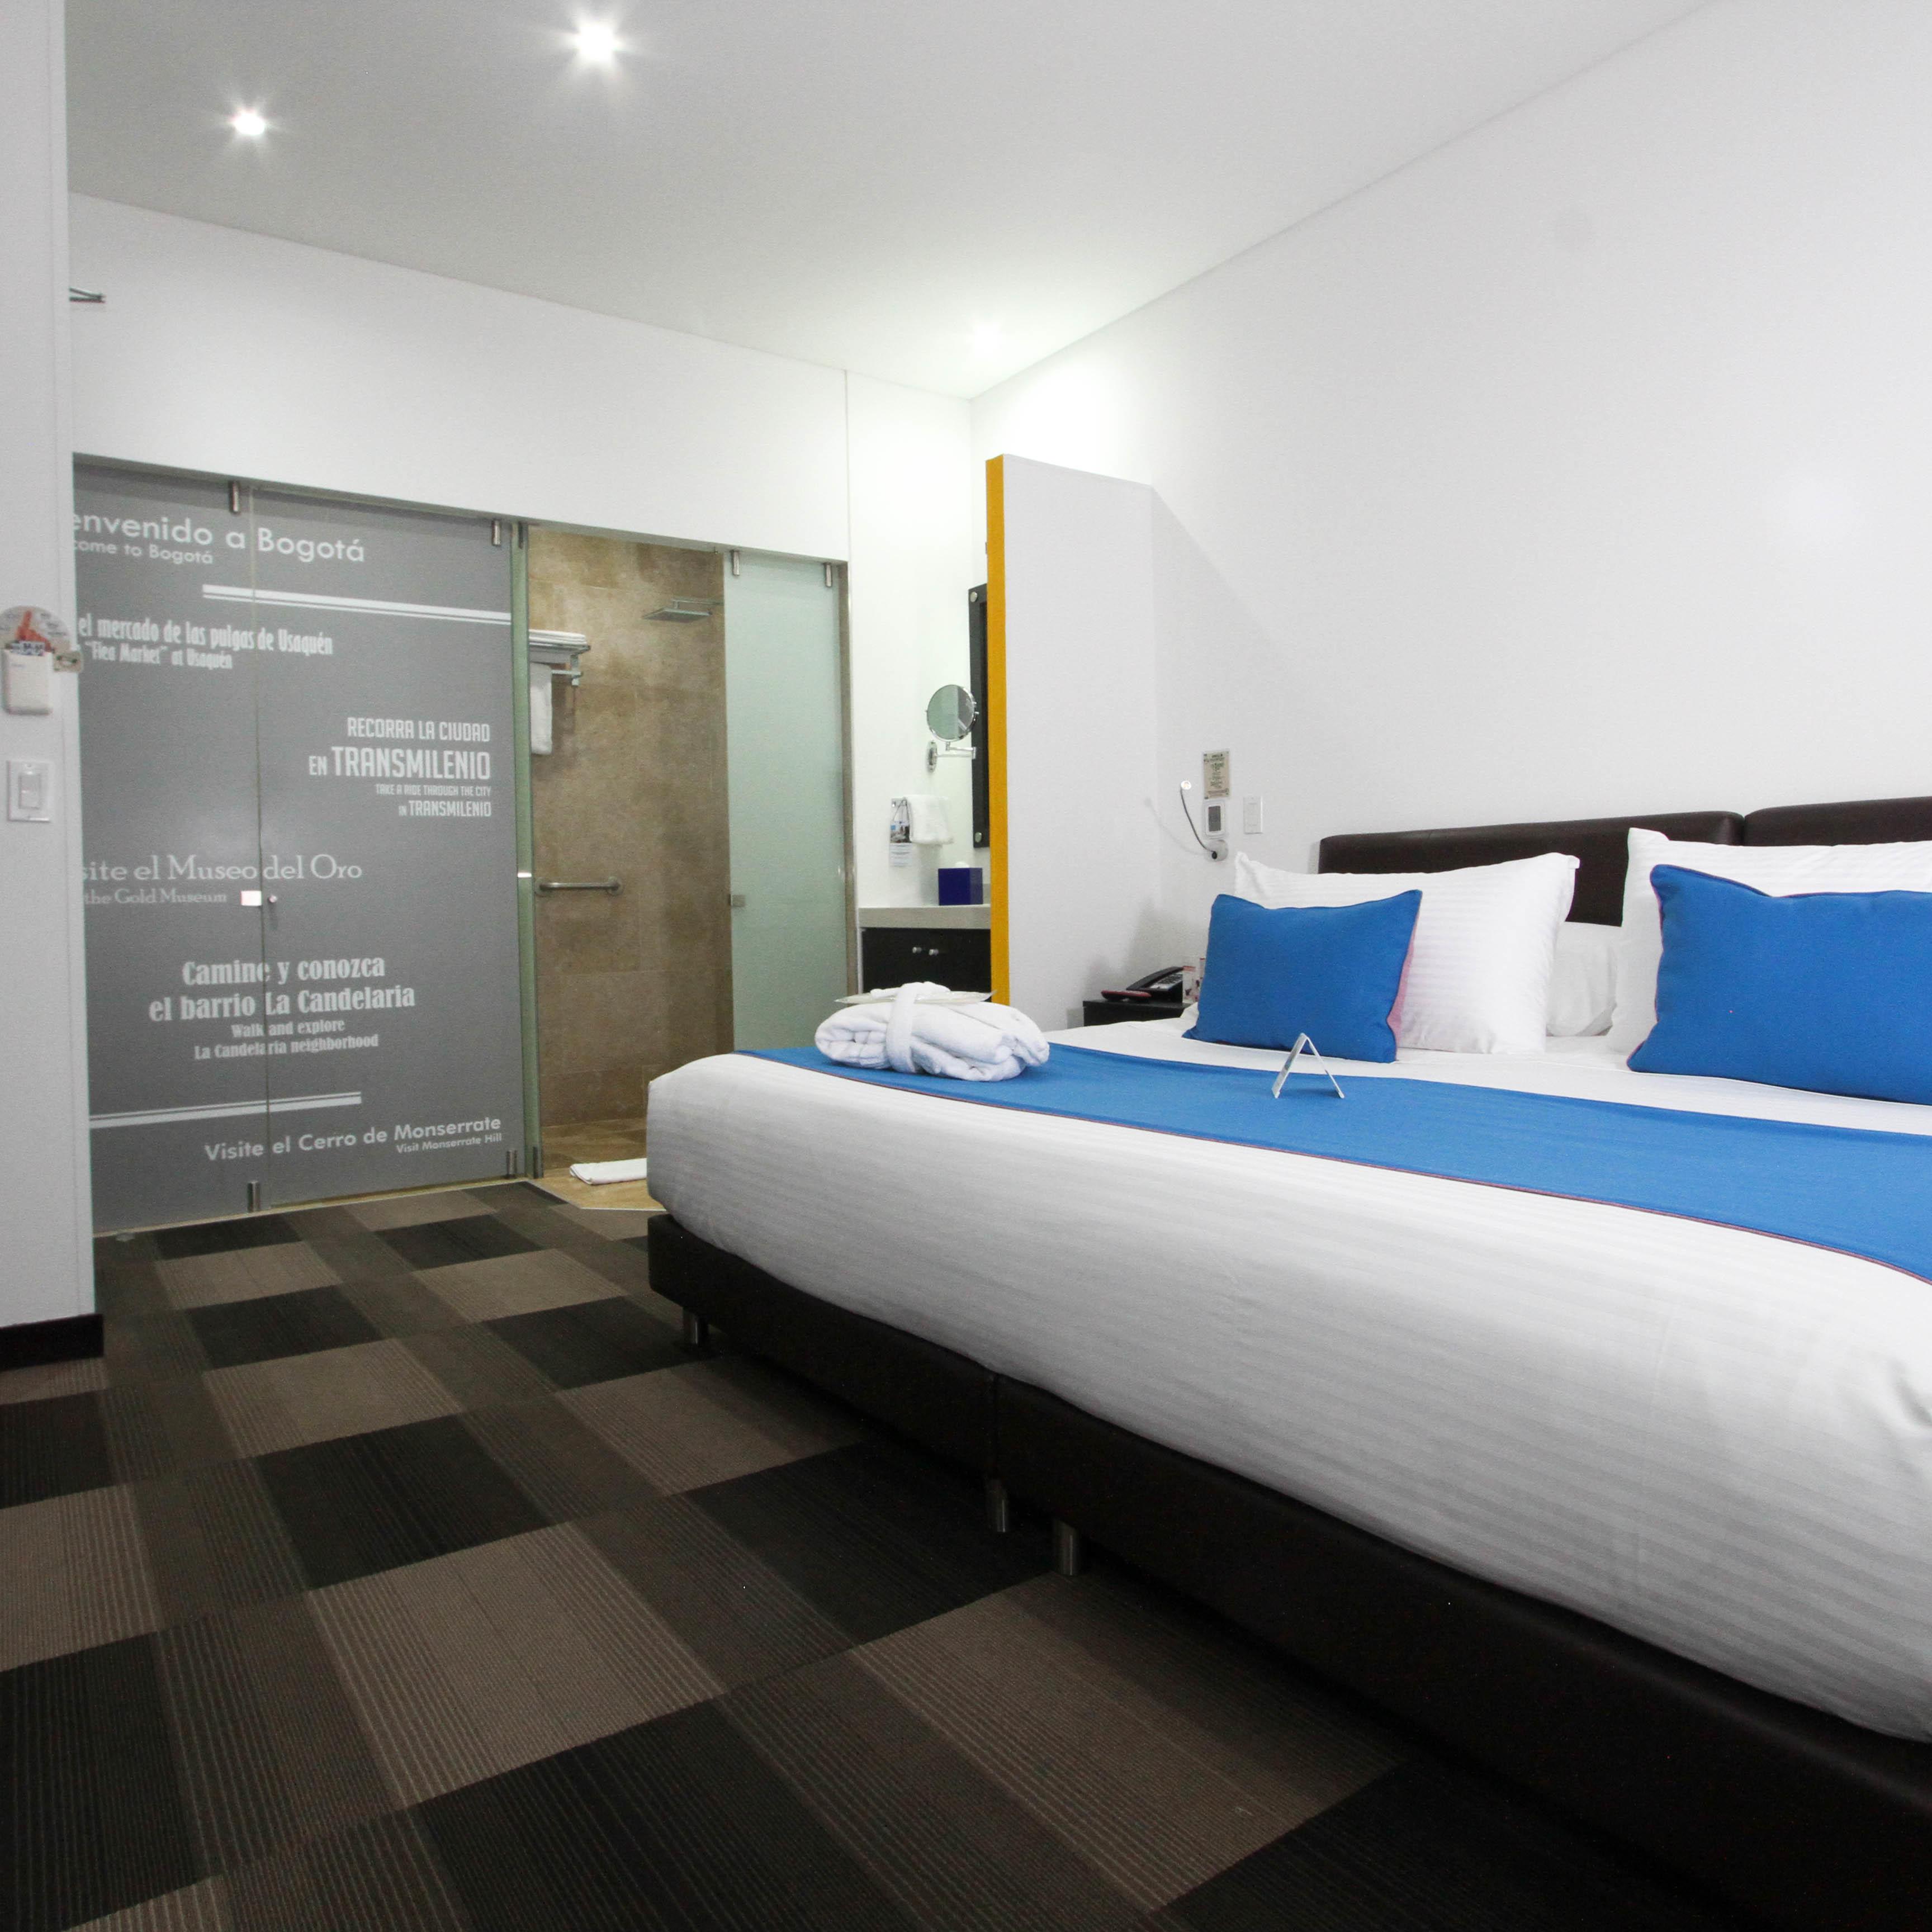 Habitación Superior TRYP Bogotá Usaquén